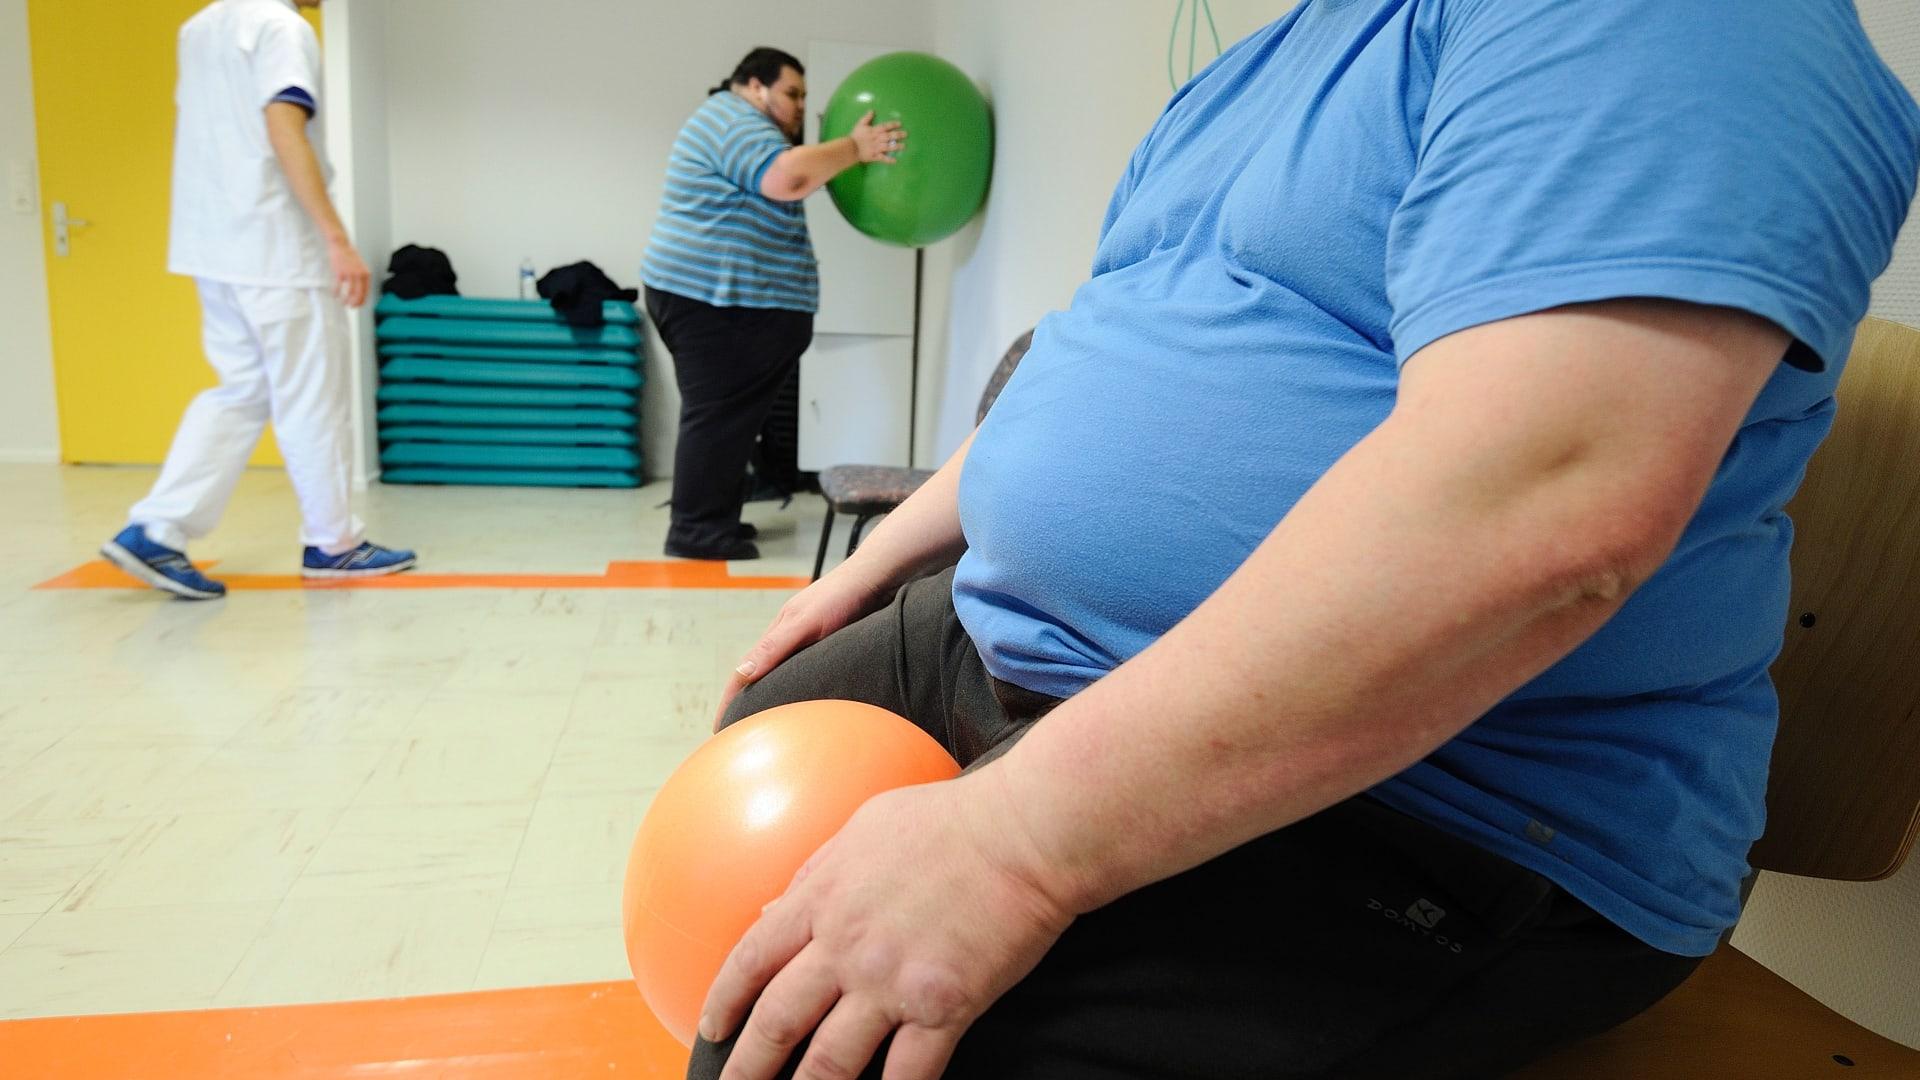 هل تعاني من الوزن الزائد أو السمنة؟ اعرف الفرق بينهما